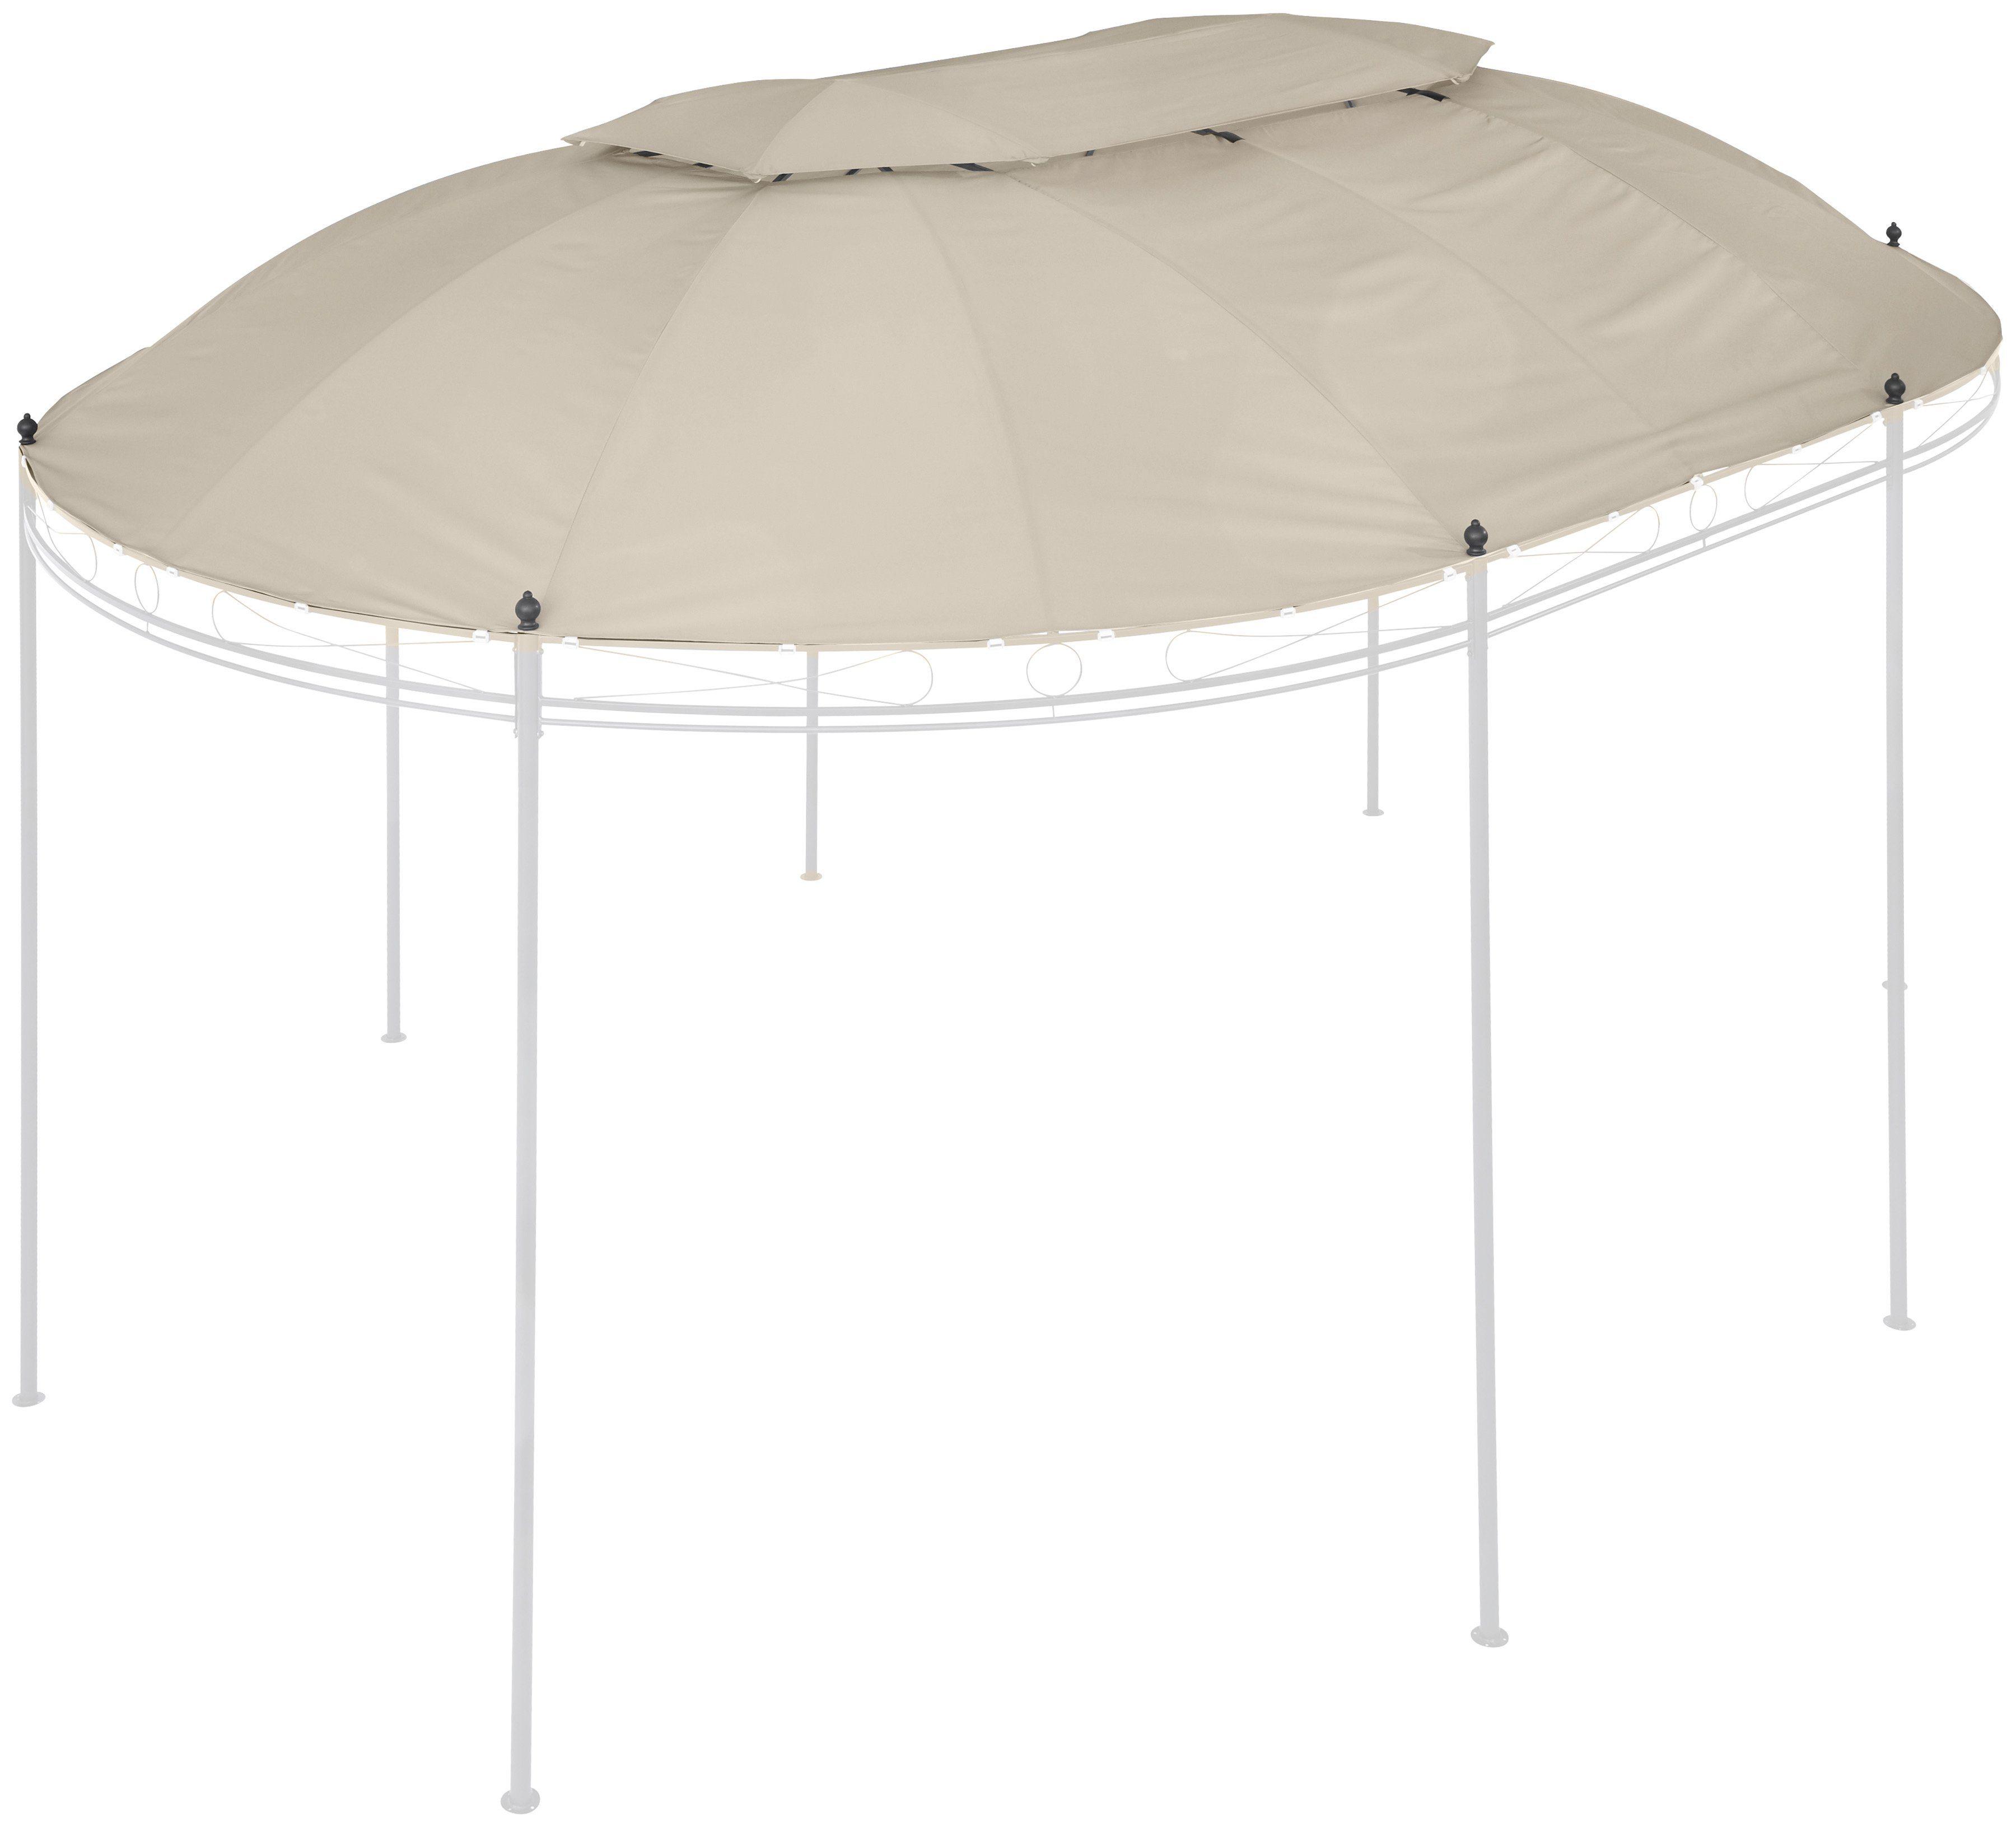 Ersatzdach für Pavillon »Oval«, BxL: 350x500 cm, beige